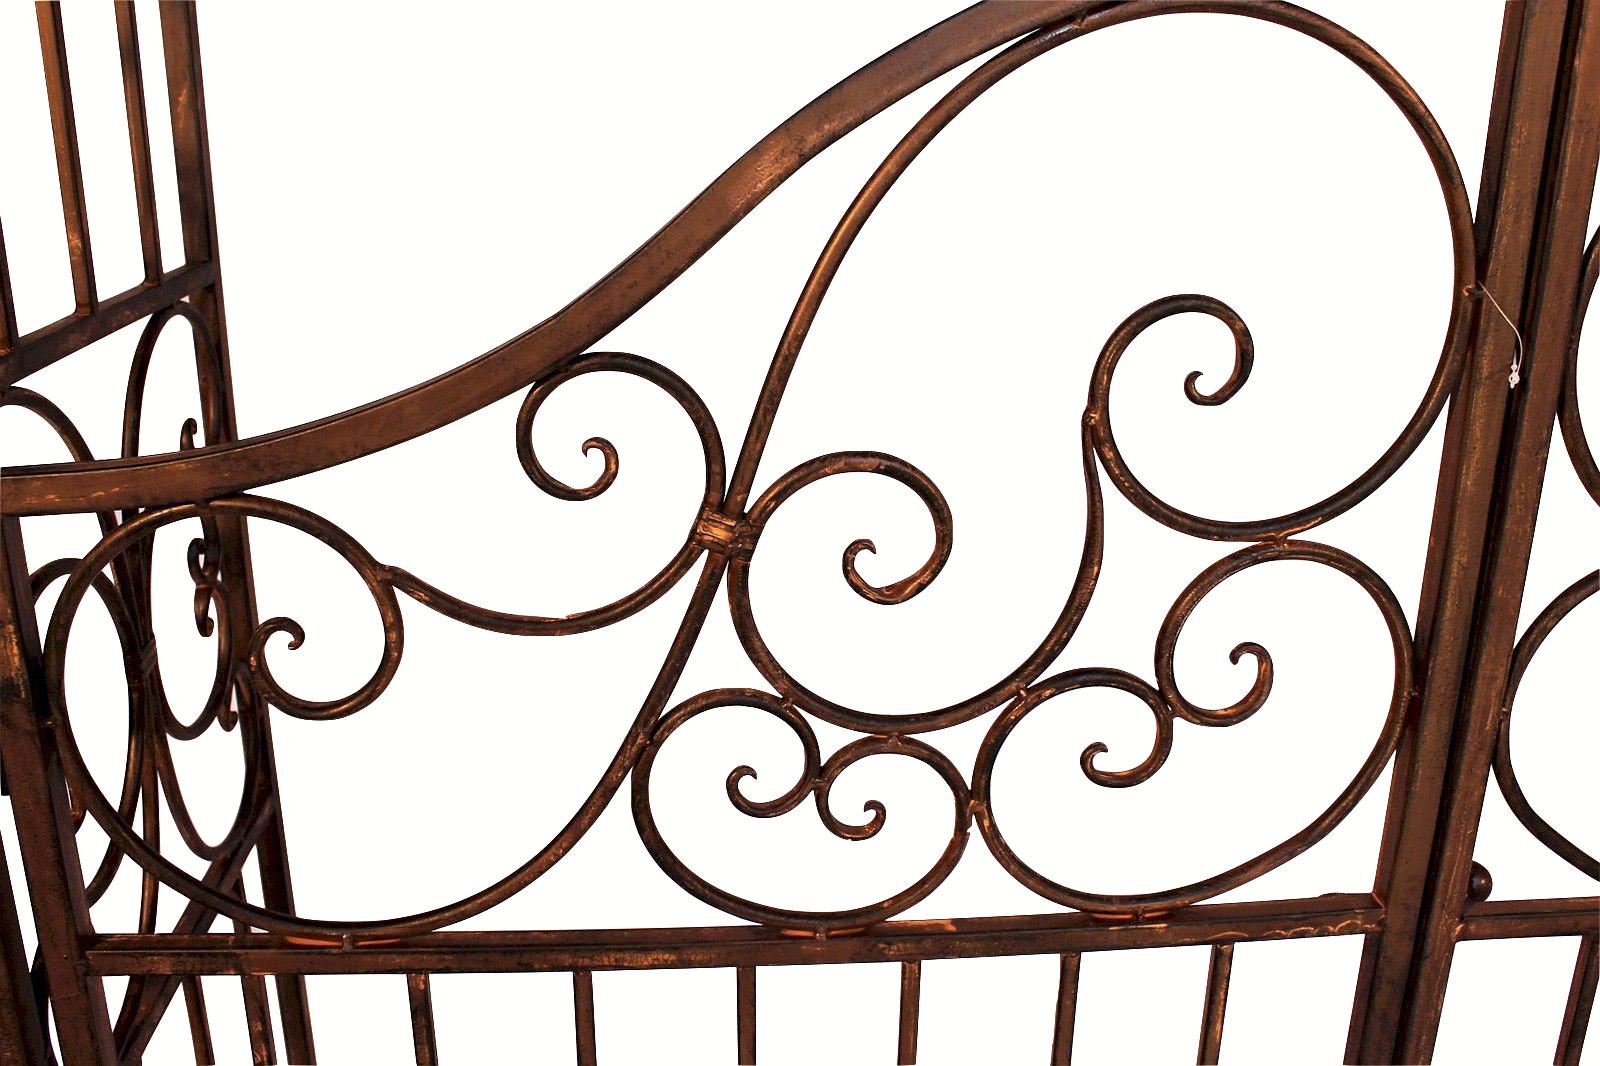 rosenbogen mit tor pforte 120853 aus metall schmiedeeisen 265x190 cm rankhilfe 4019111208539 ebay. Black Bedroom Furniture Sets. Home Design Ideas